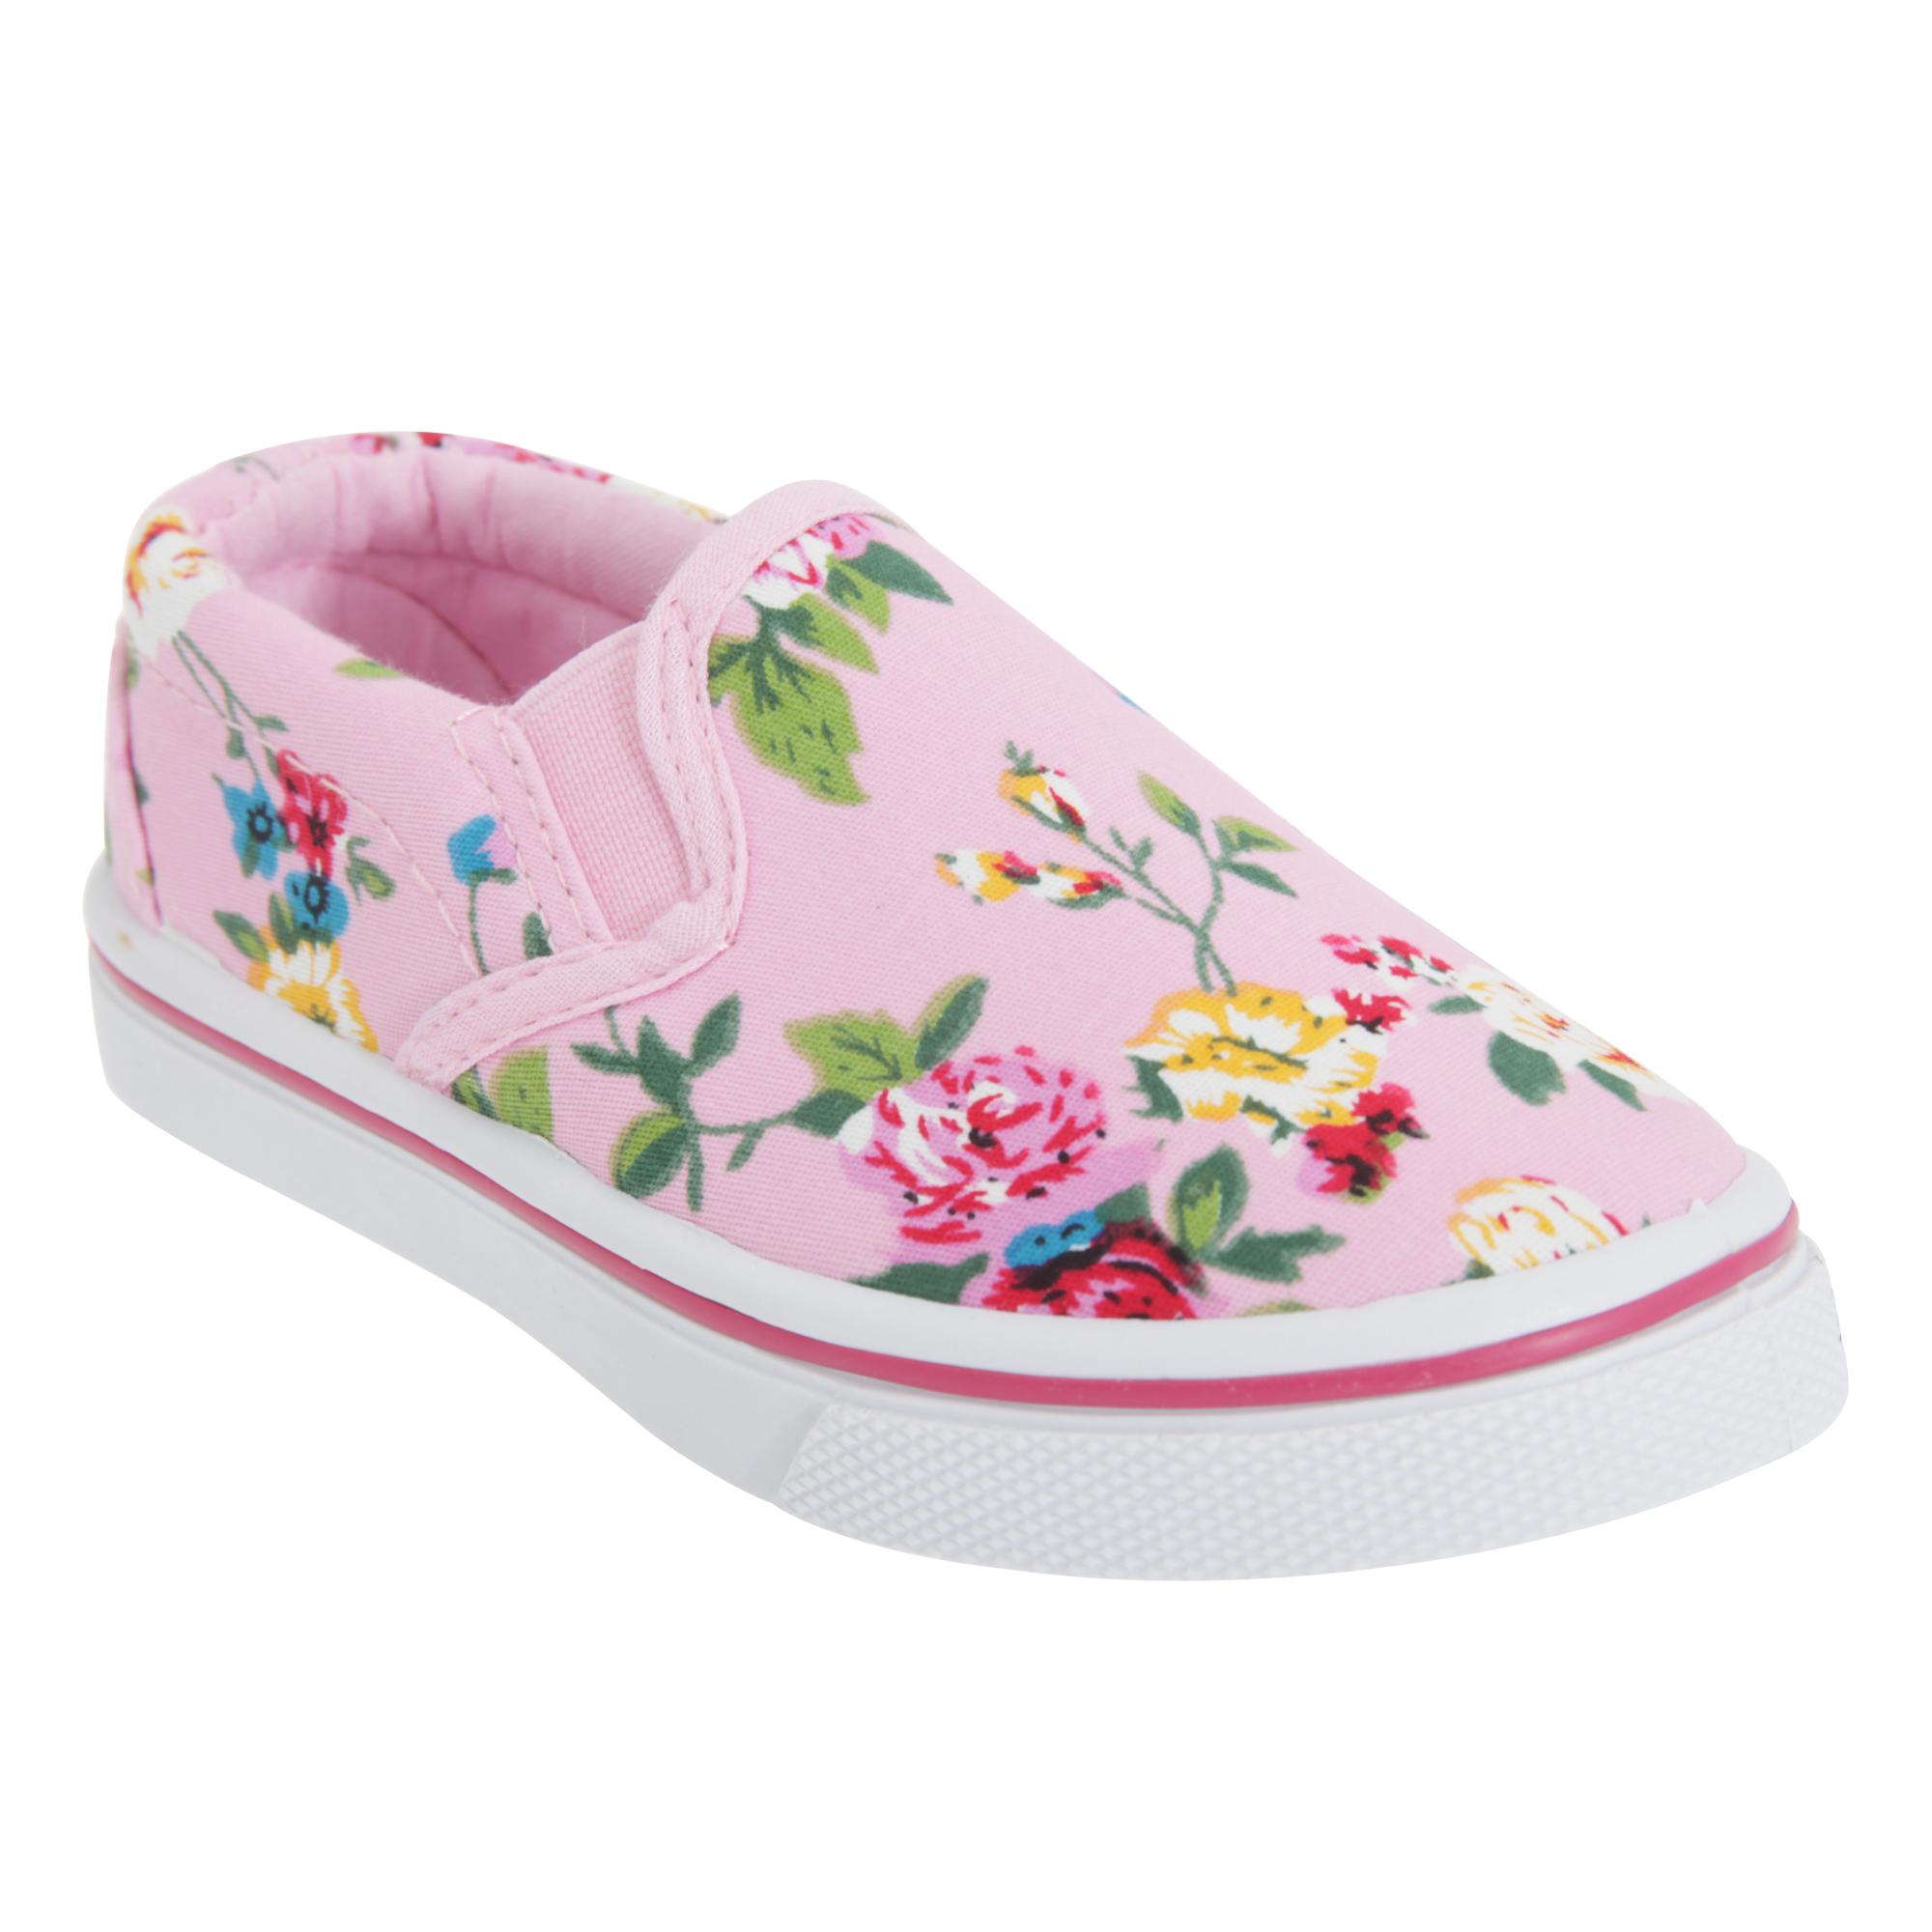 dek childrens slip on floral canvas shoes ebay